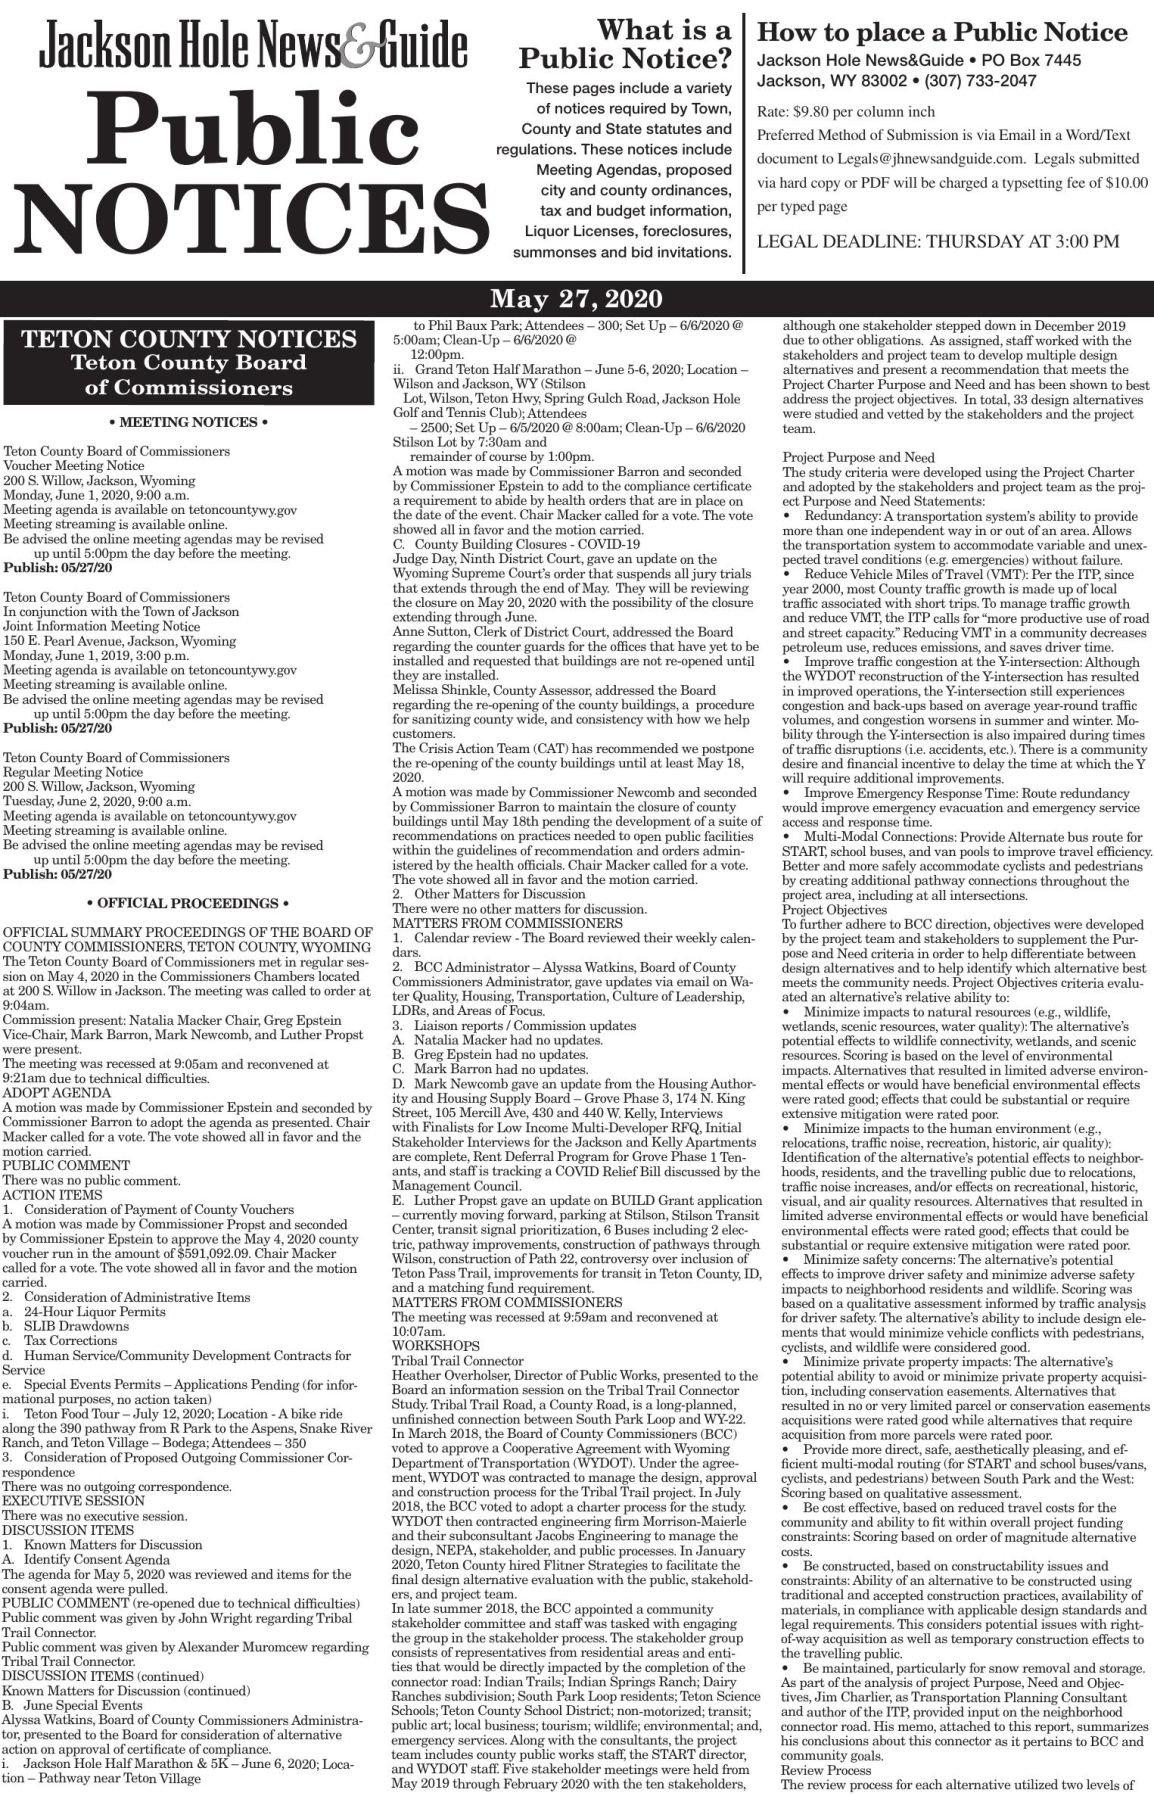 Public Notices, May 27, 2020